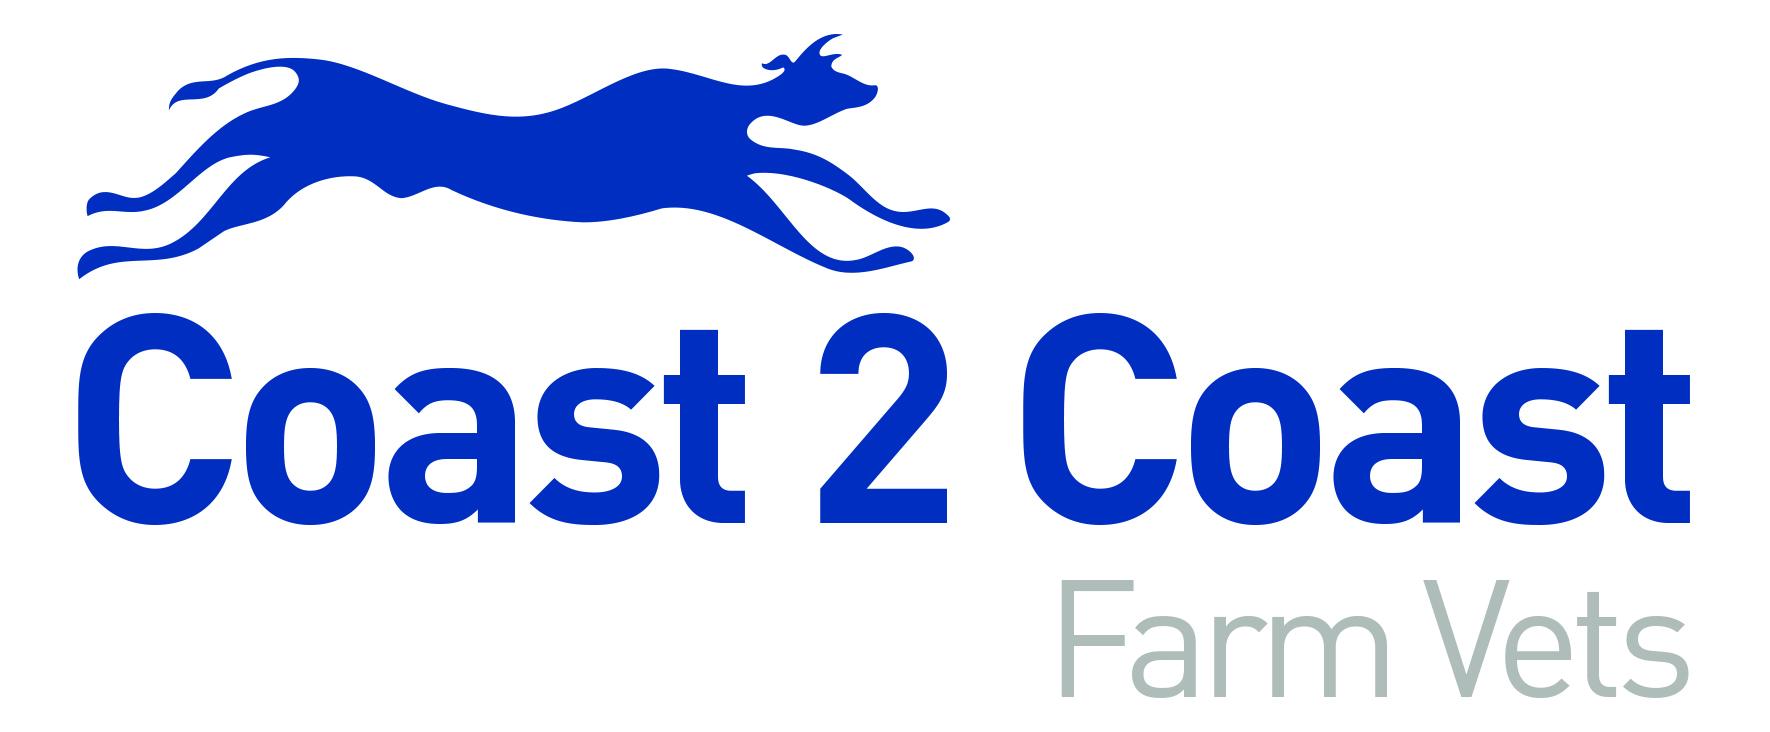 Coast2Coast Farm Vets